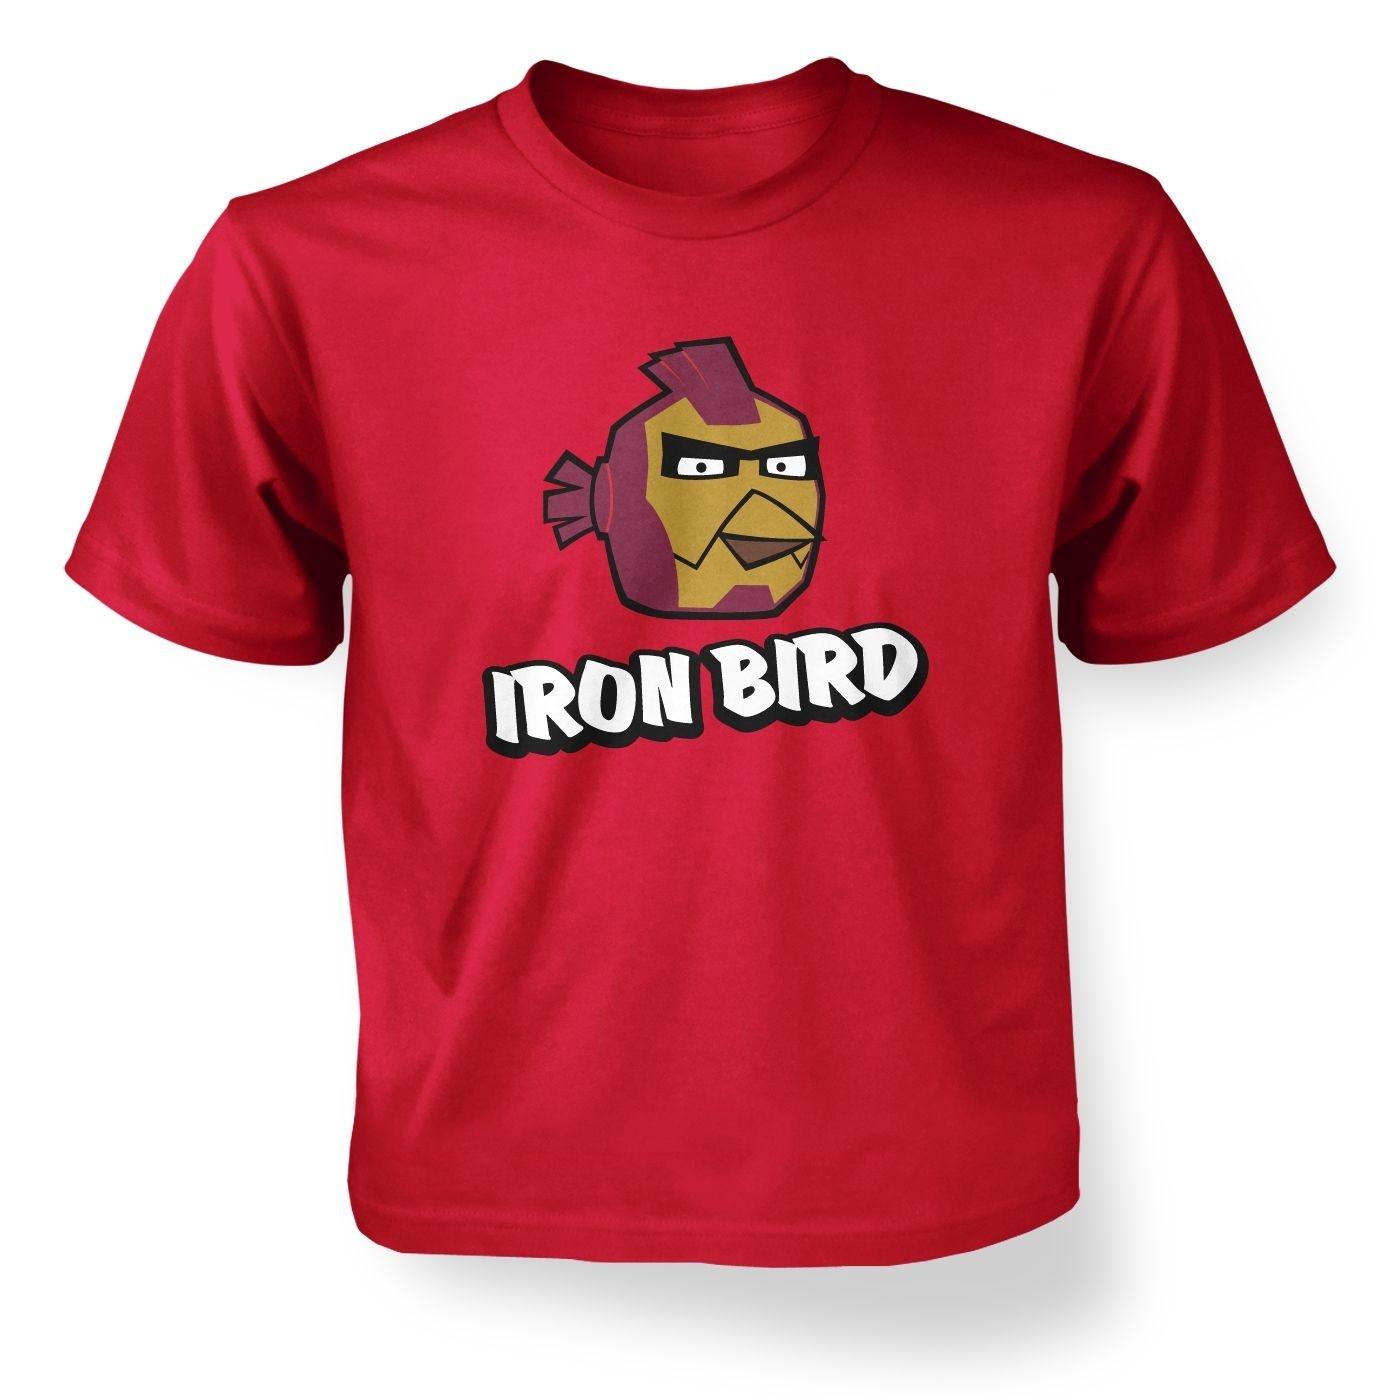 Iron Bird kids t-shirt